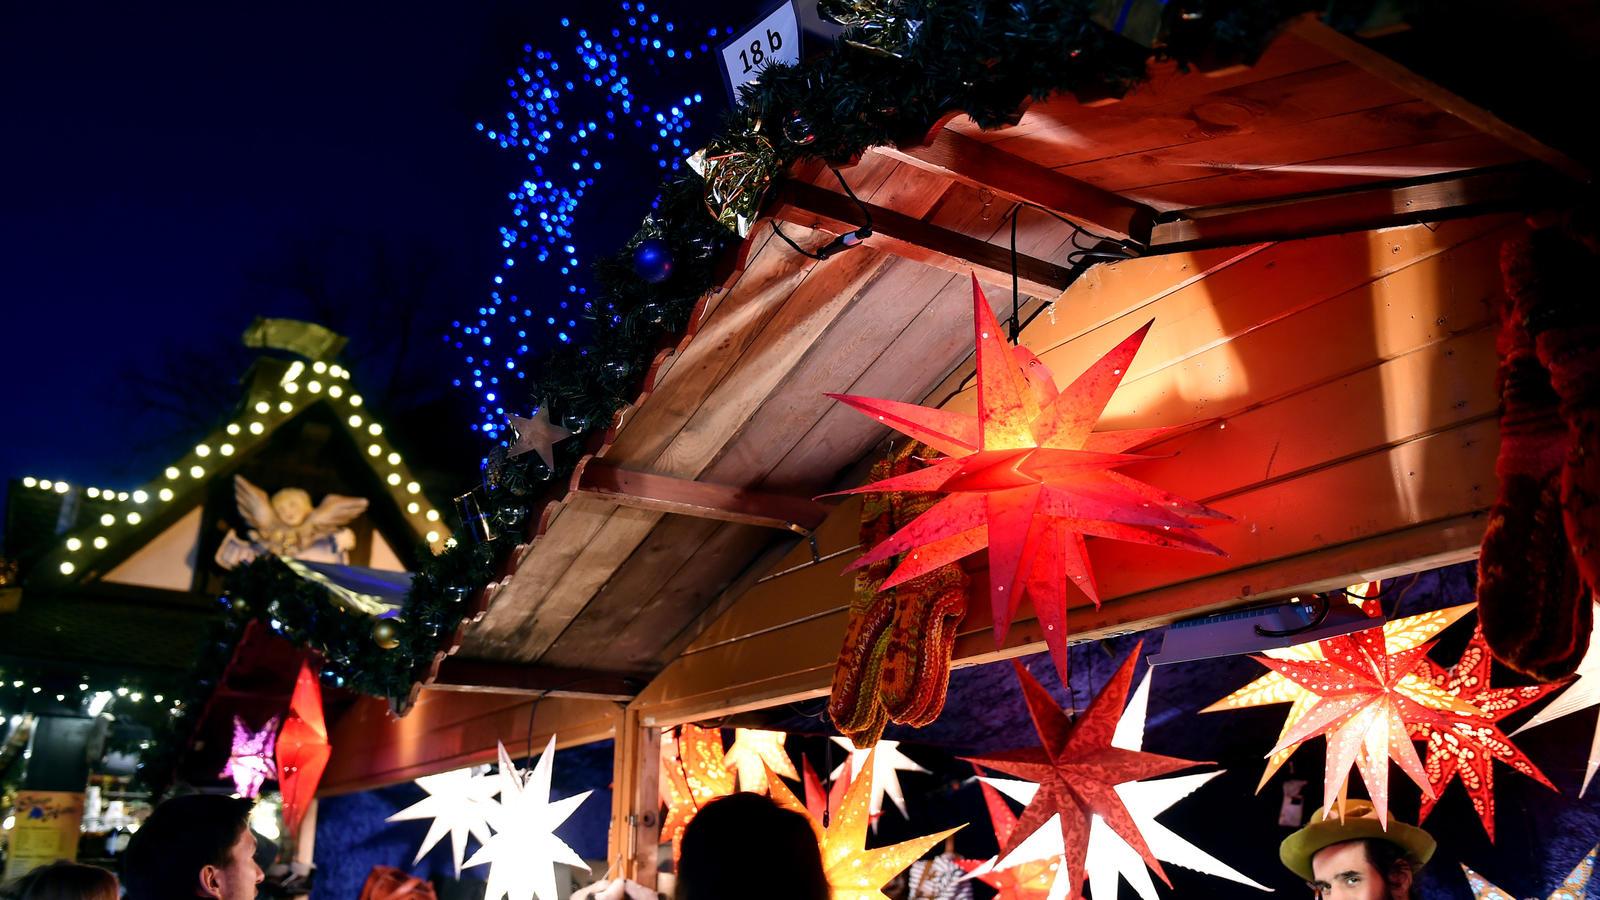 Weihnachtsmarkt Totensonntag Geöffnet.Die Ersten Weihnachtsmärkte Haben Geöffnet